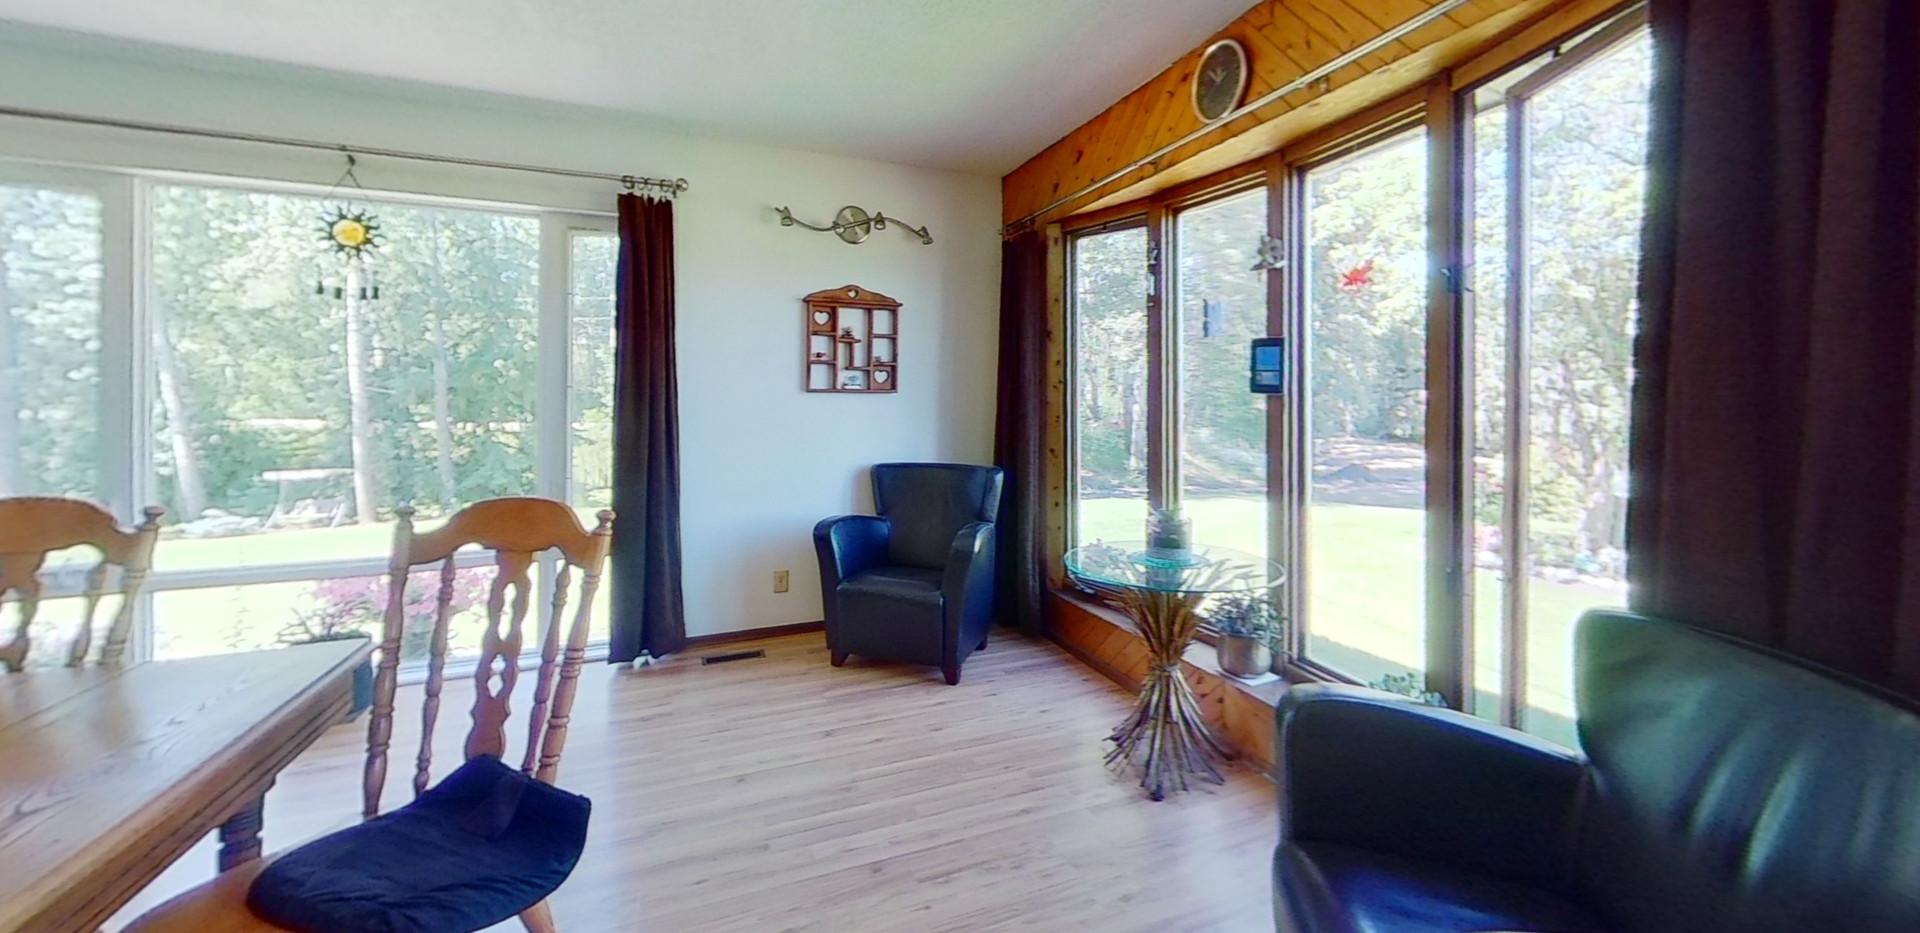 1300-Beachview-Cres-Living-Room-2.jpg